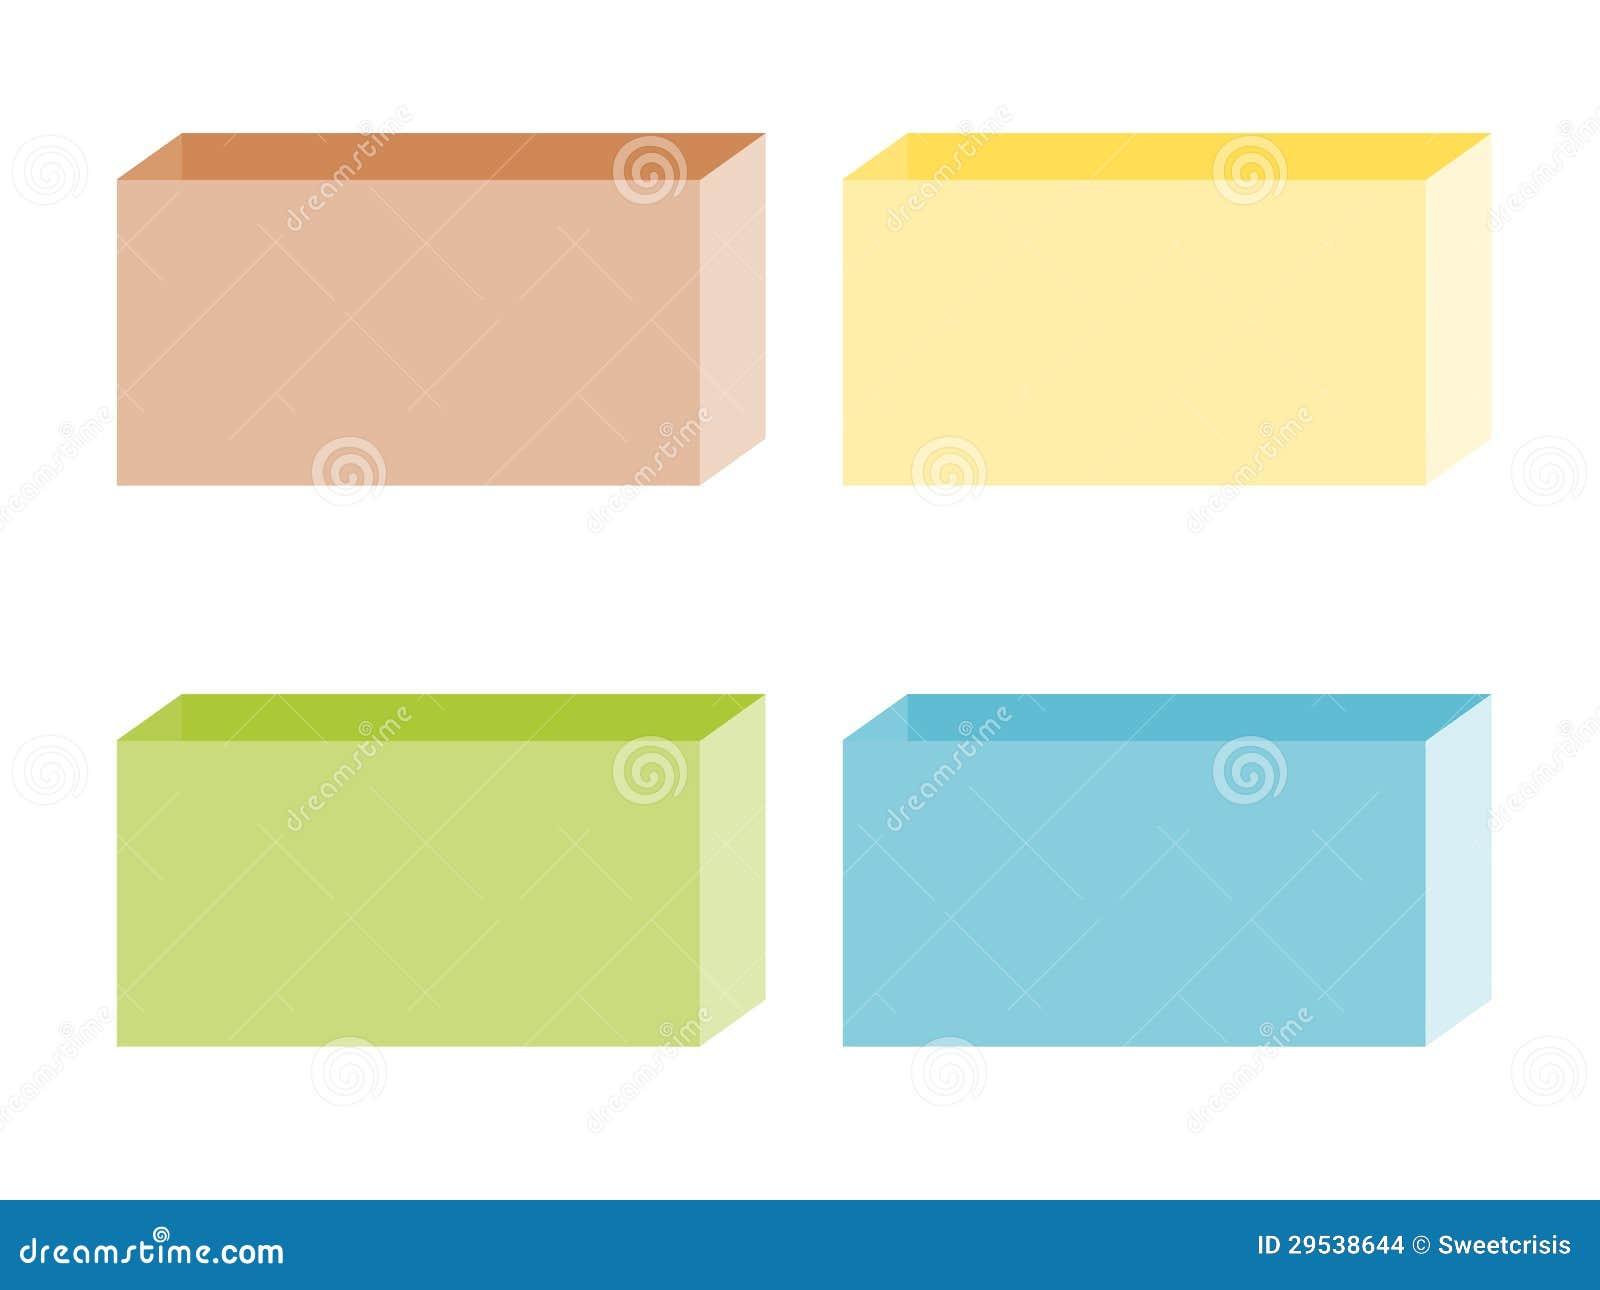 Ilustração da caixa de papel